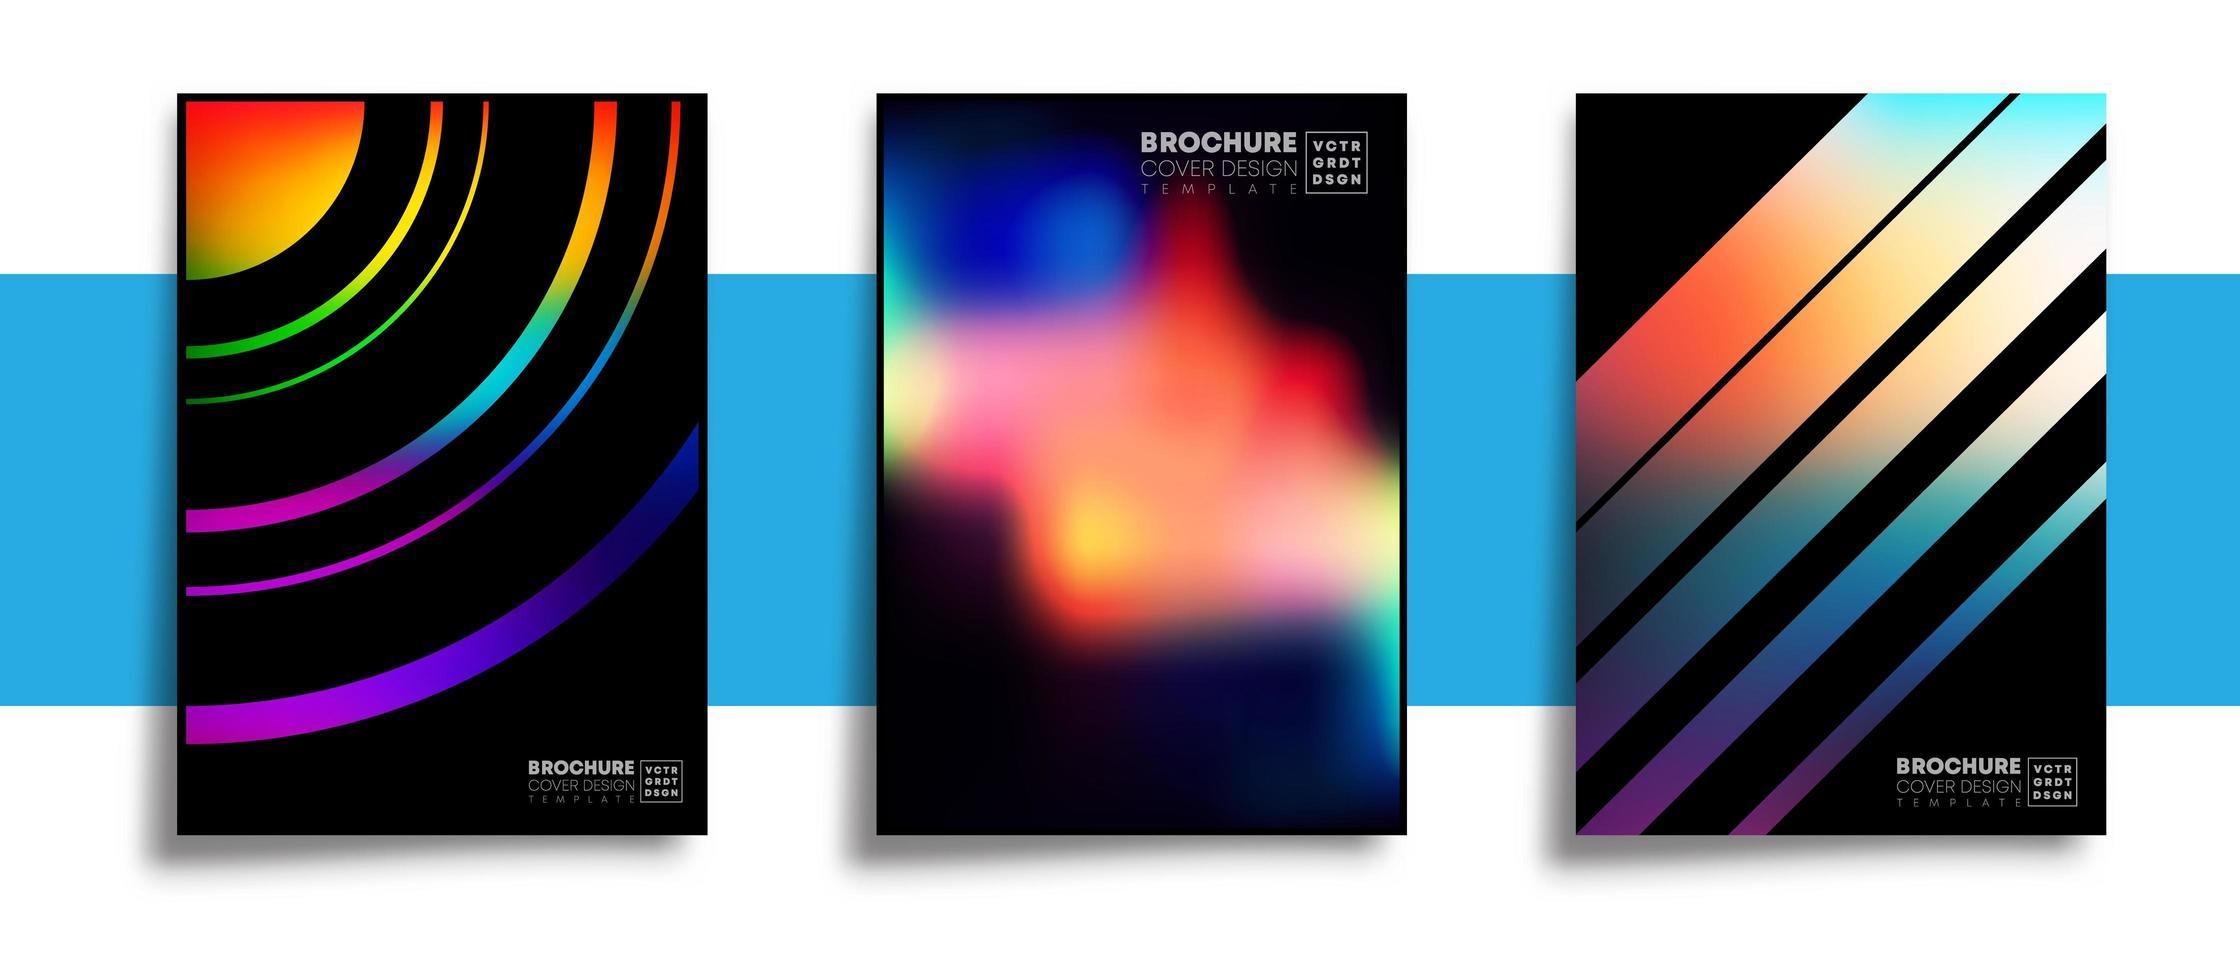 uppsättning abstrakta designaffischer med färgglada tonade strukturer vektor